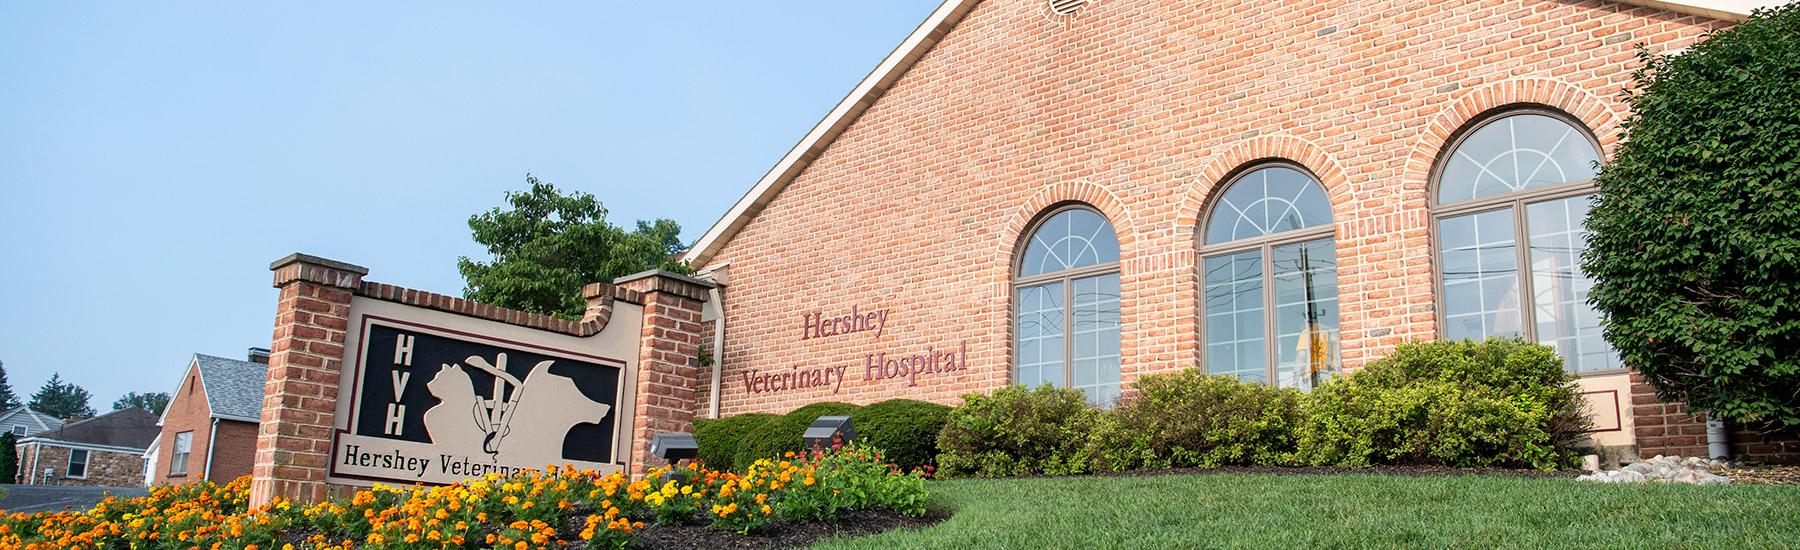 hershey vet building front